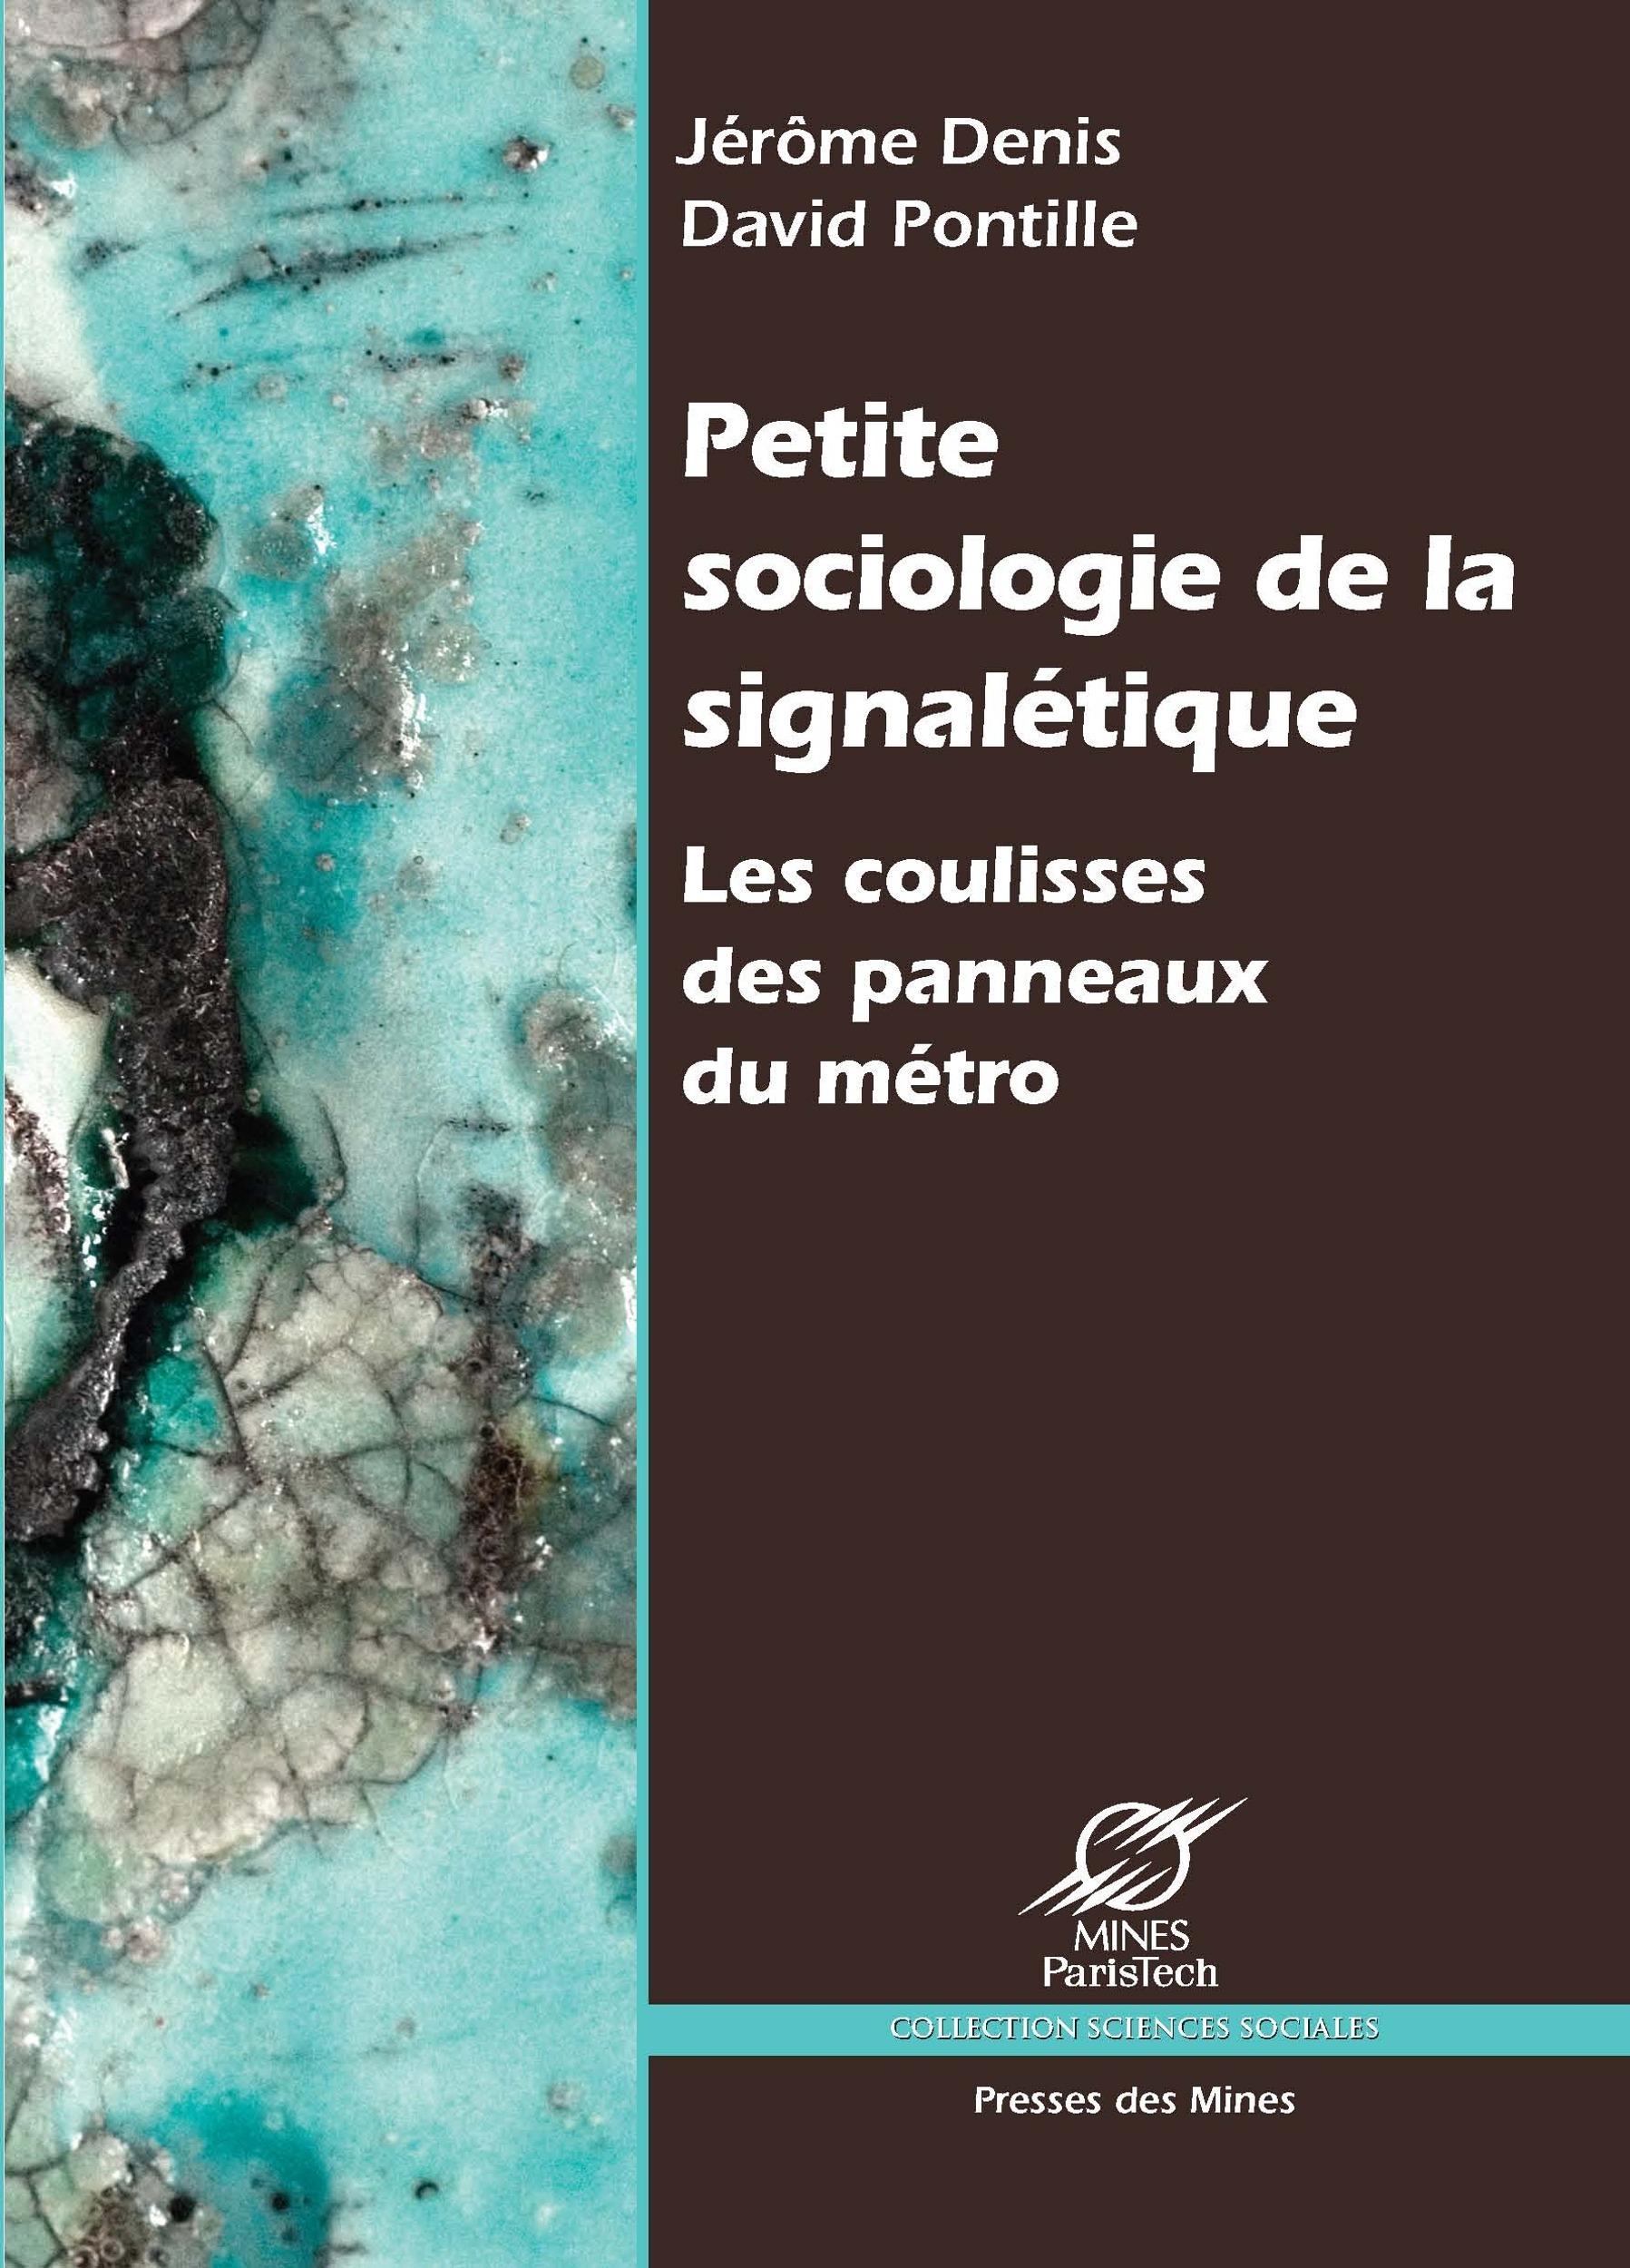 Petite sociologie de la signalétique ; les coulisses des panneaux du métro